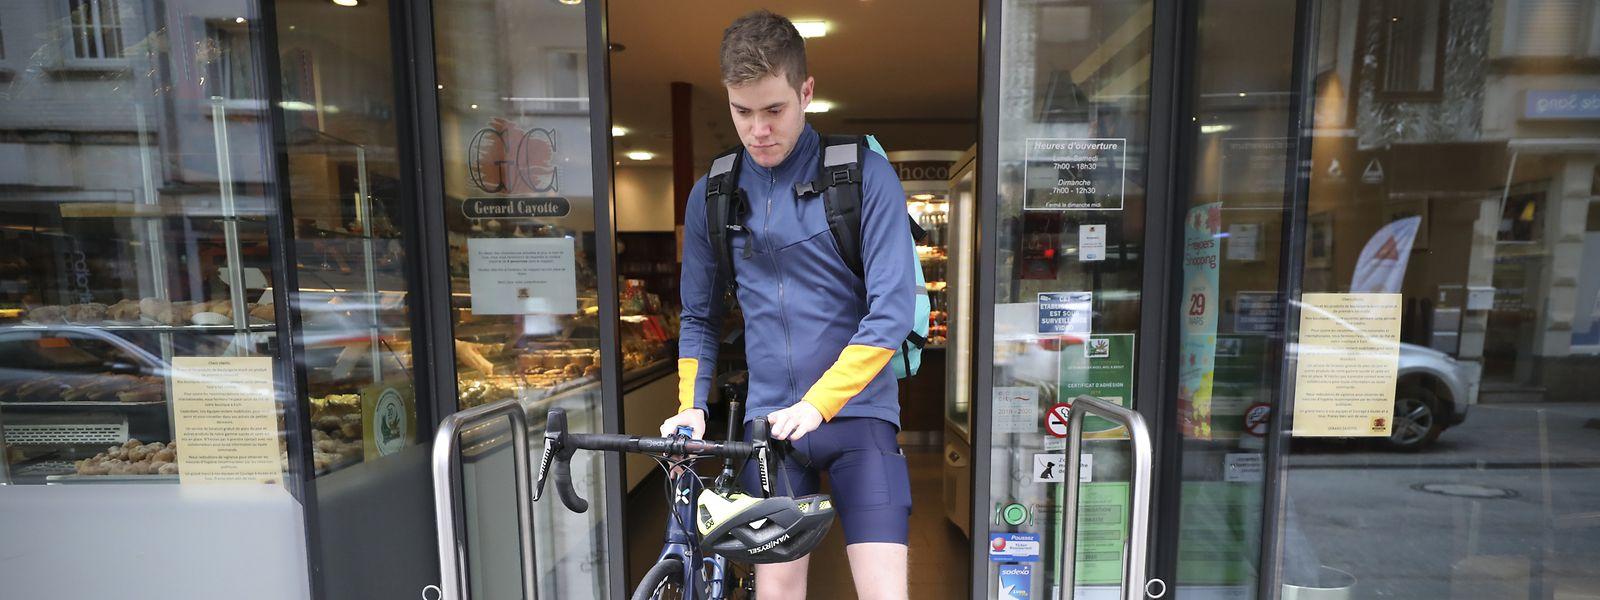 Der 25-jährige Sébastien Cayotte aus Esch hat bereits mehrmals mit Solidaritätsaktionen auf sich aufmerksam gemacht.